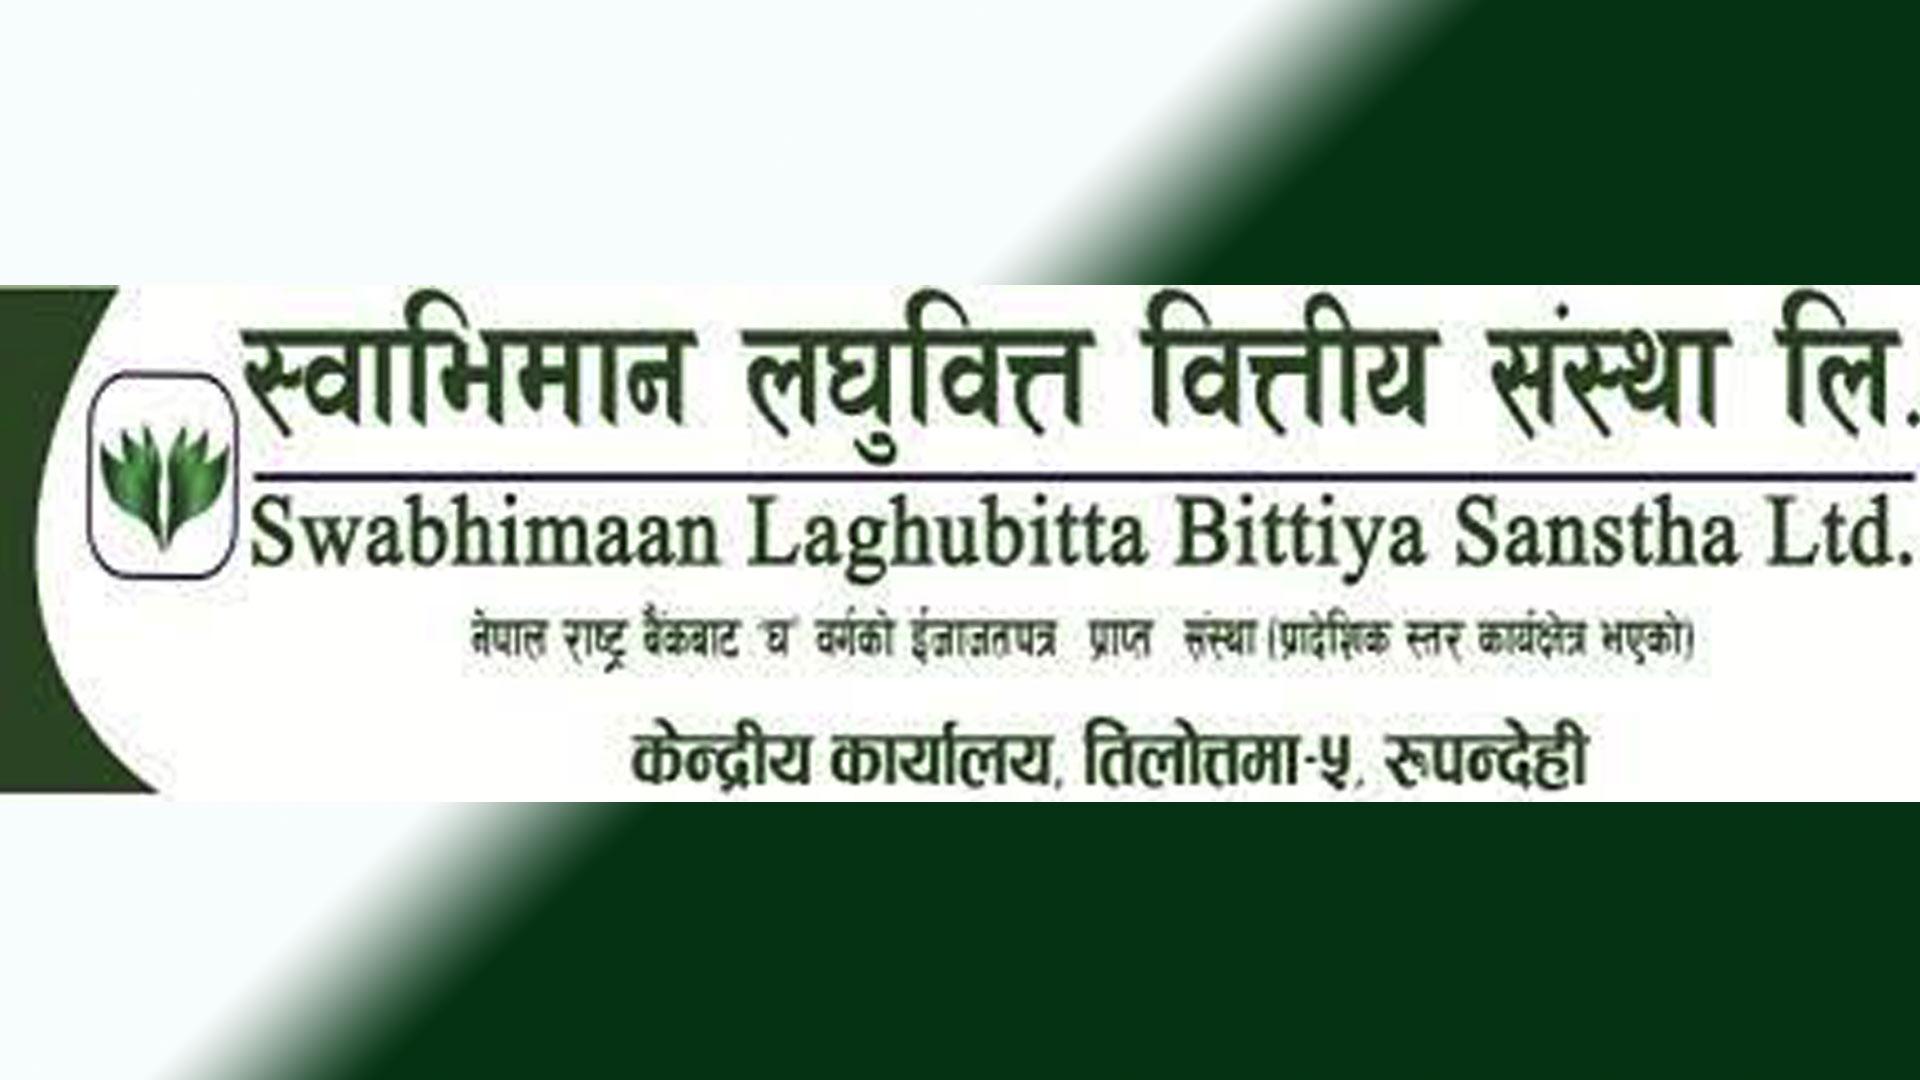 Swabhimaan Laghubitta